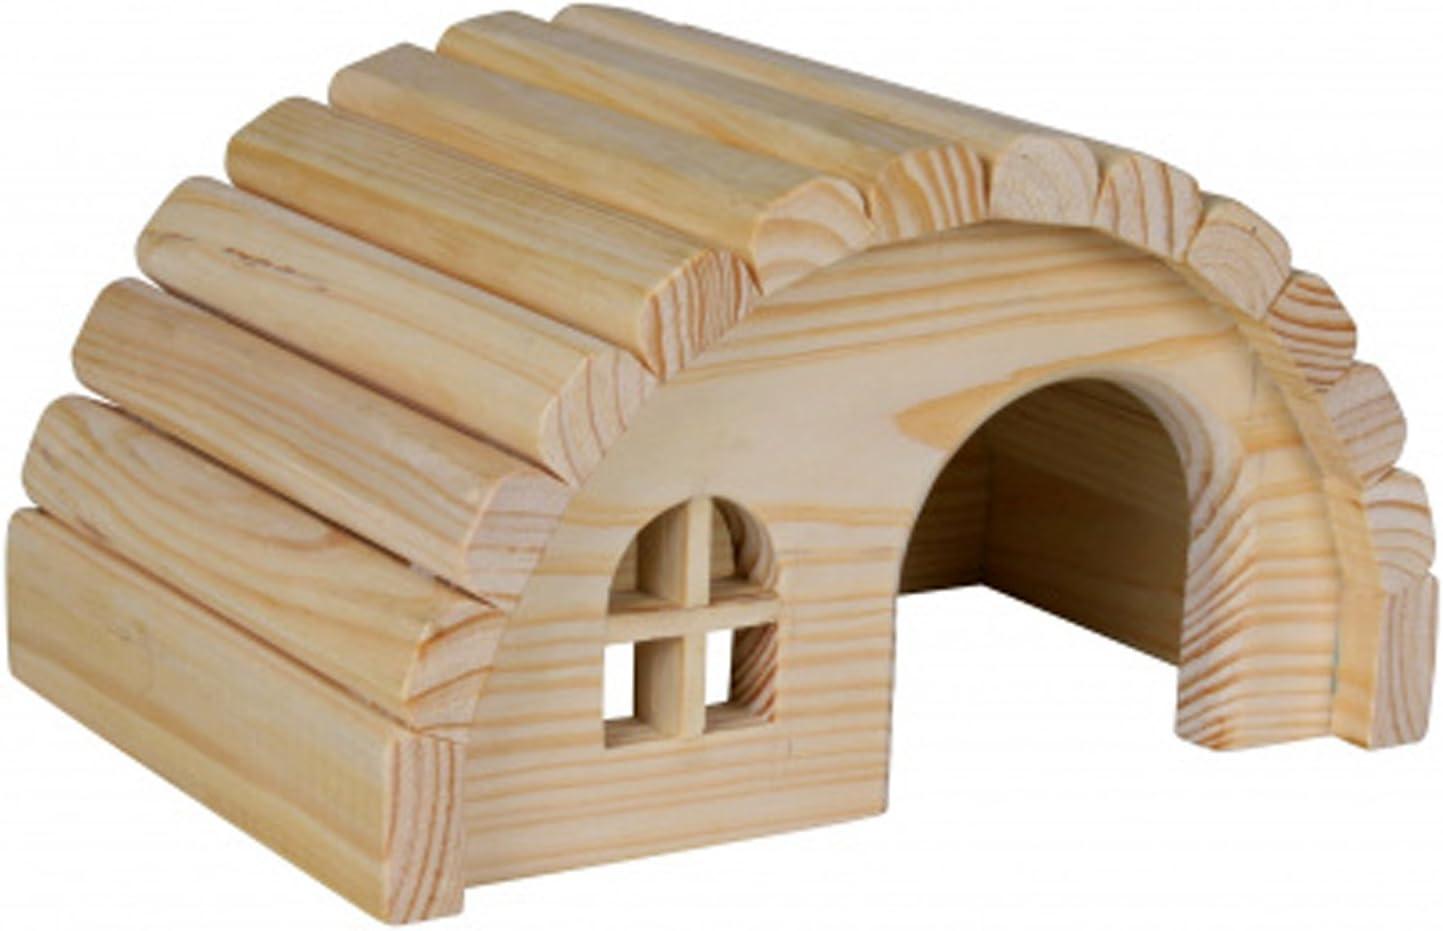 Pet Ting Casa de Madera para Ratones hámsters Gerbil Home 19 x 11 x 13 cm